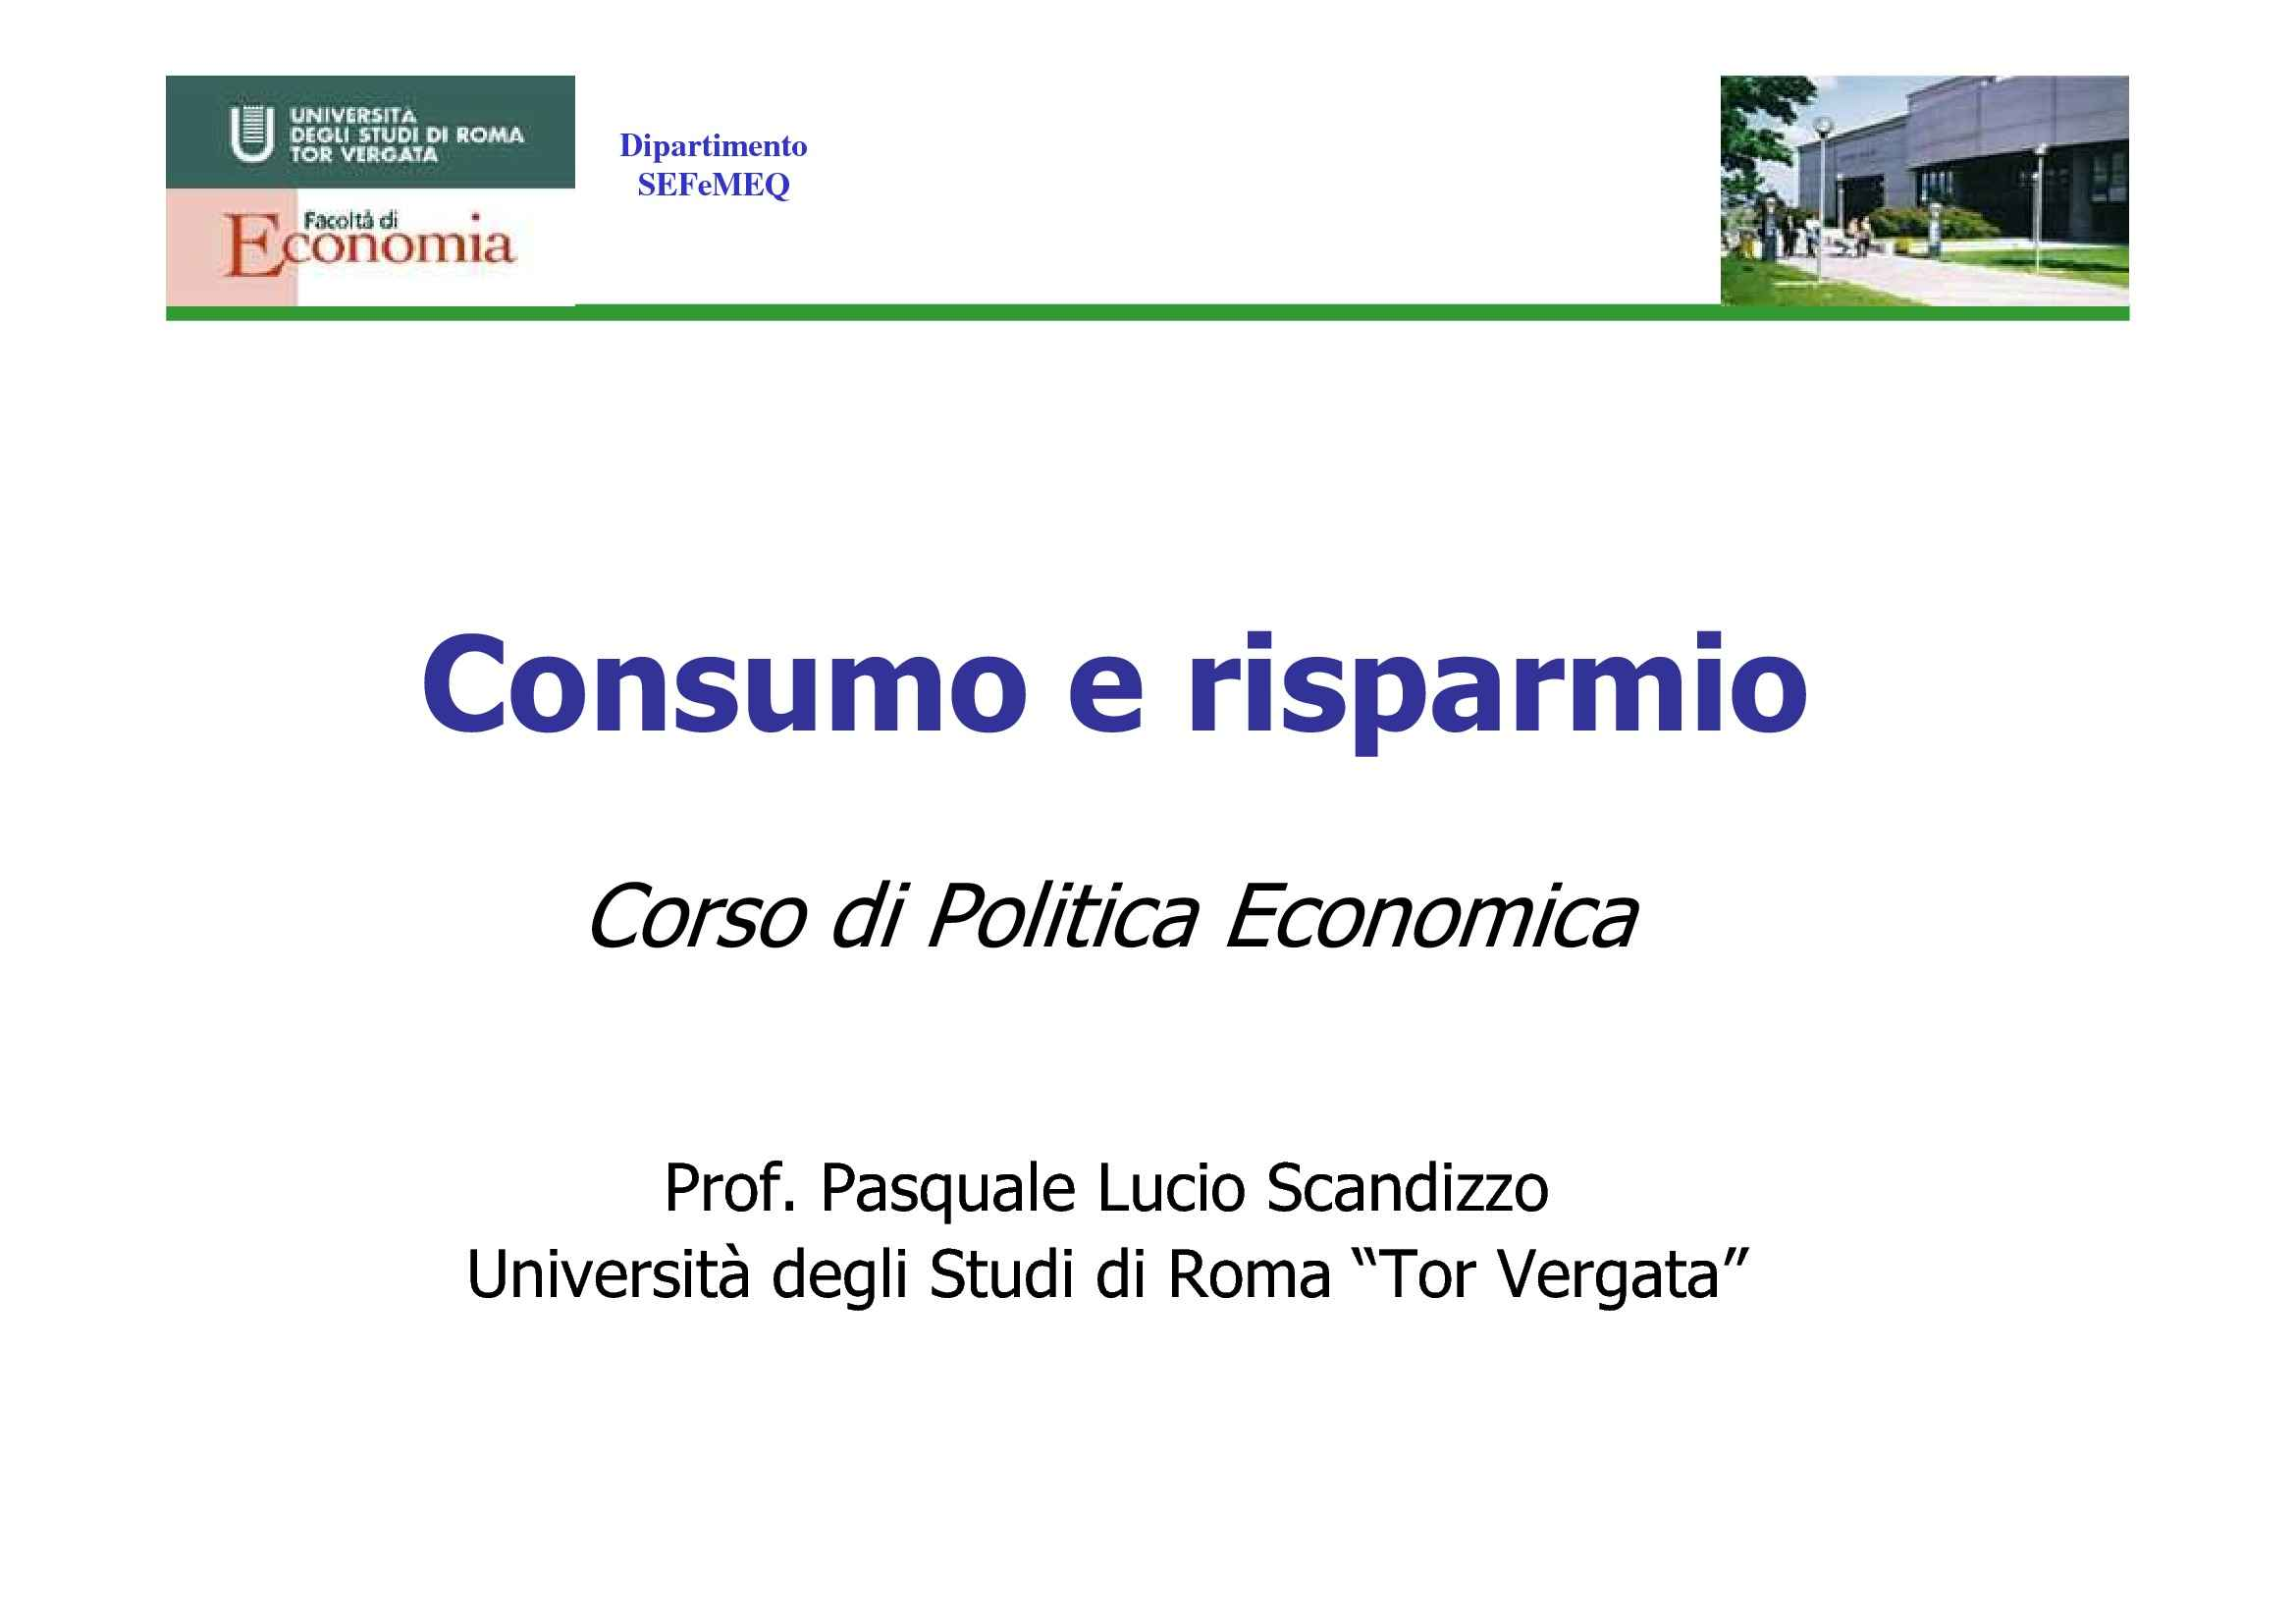 Consumo e risparmio